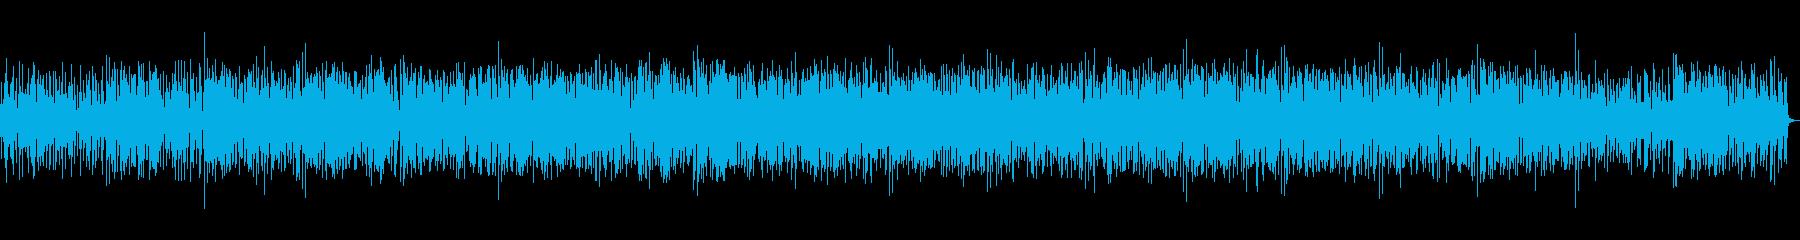 夜更けのBARで聴くJAZZバラードの再生済みの波形